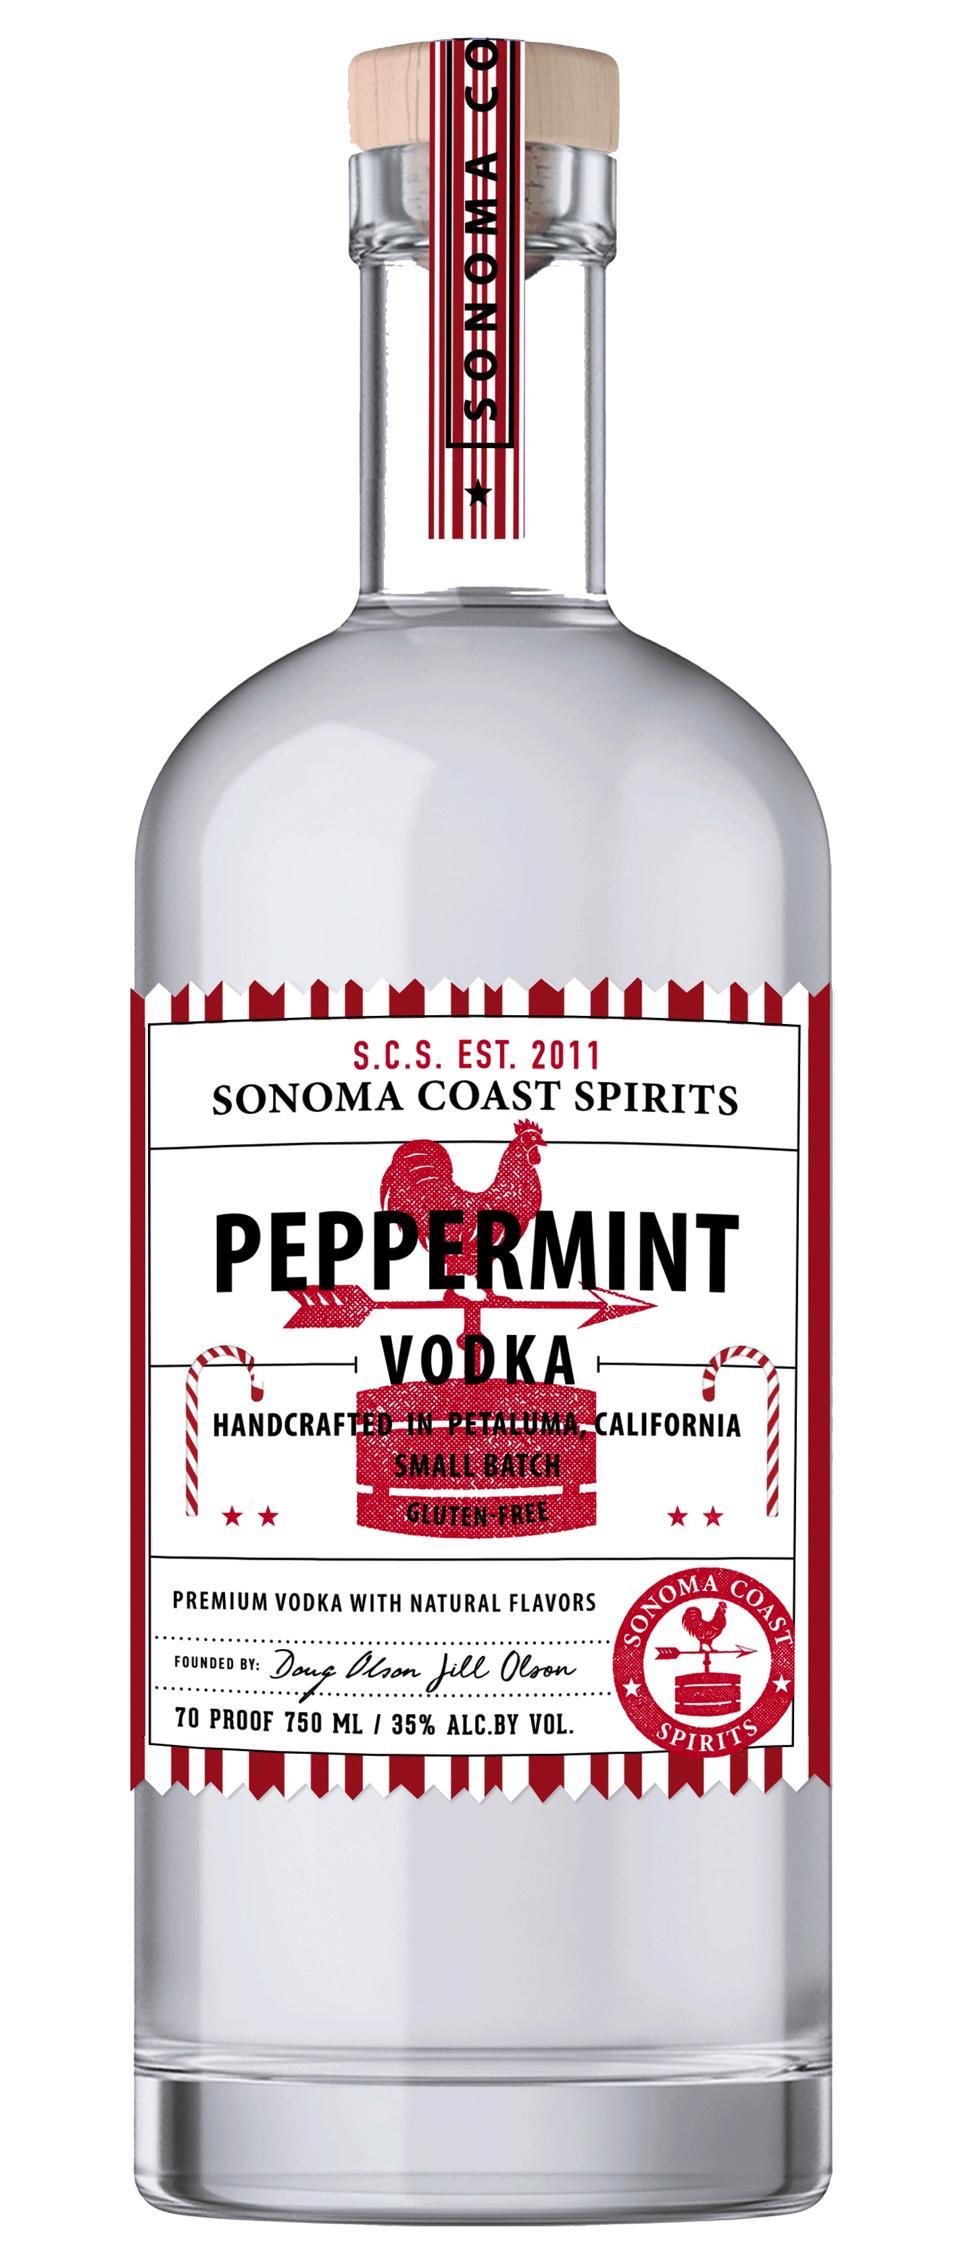 Sonoma Coast Spirits Peppermint Vodka